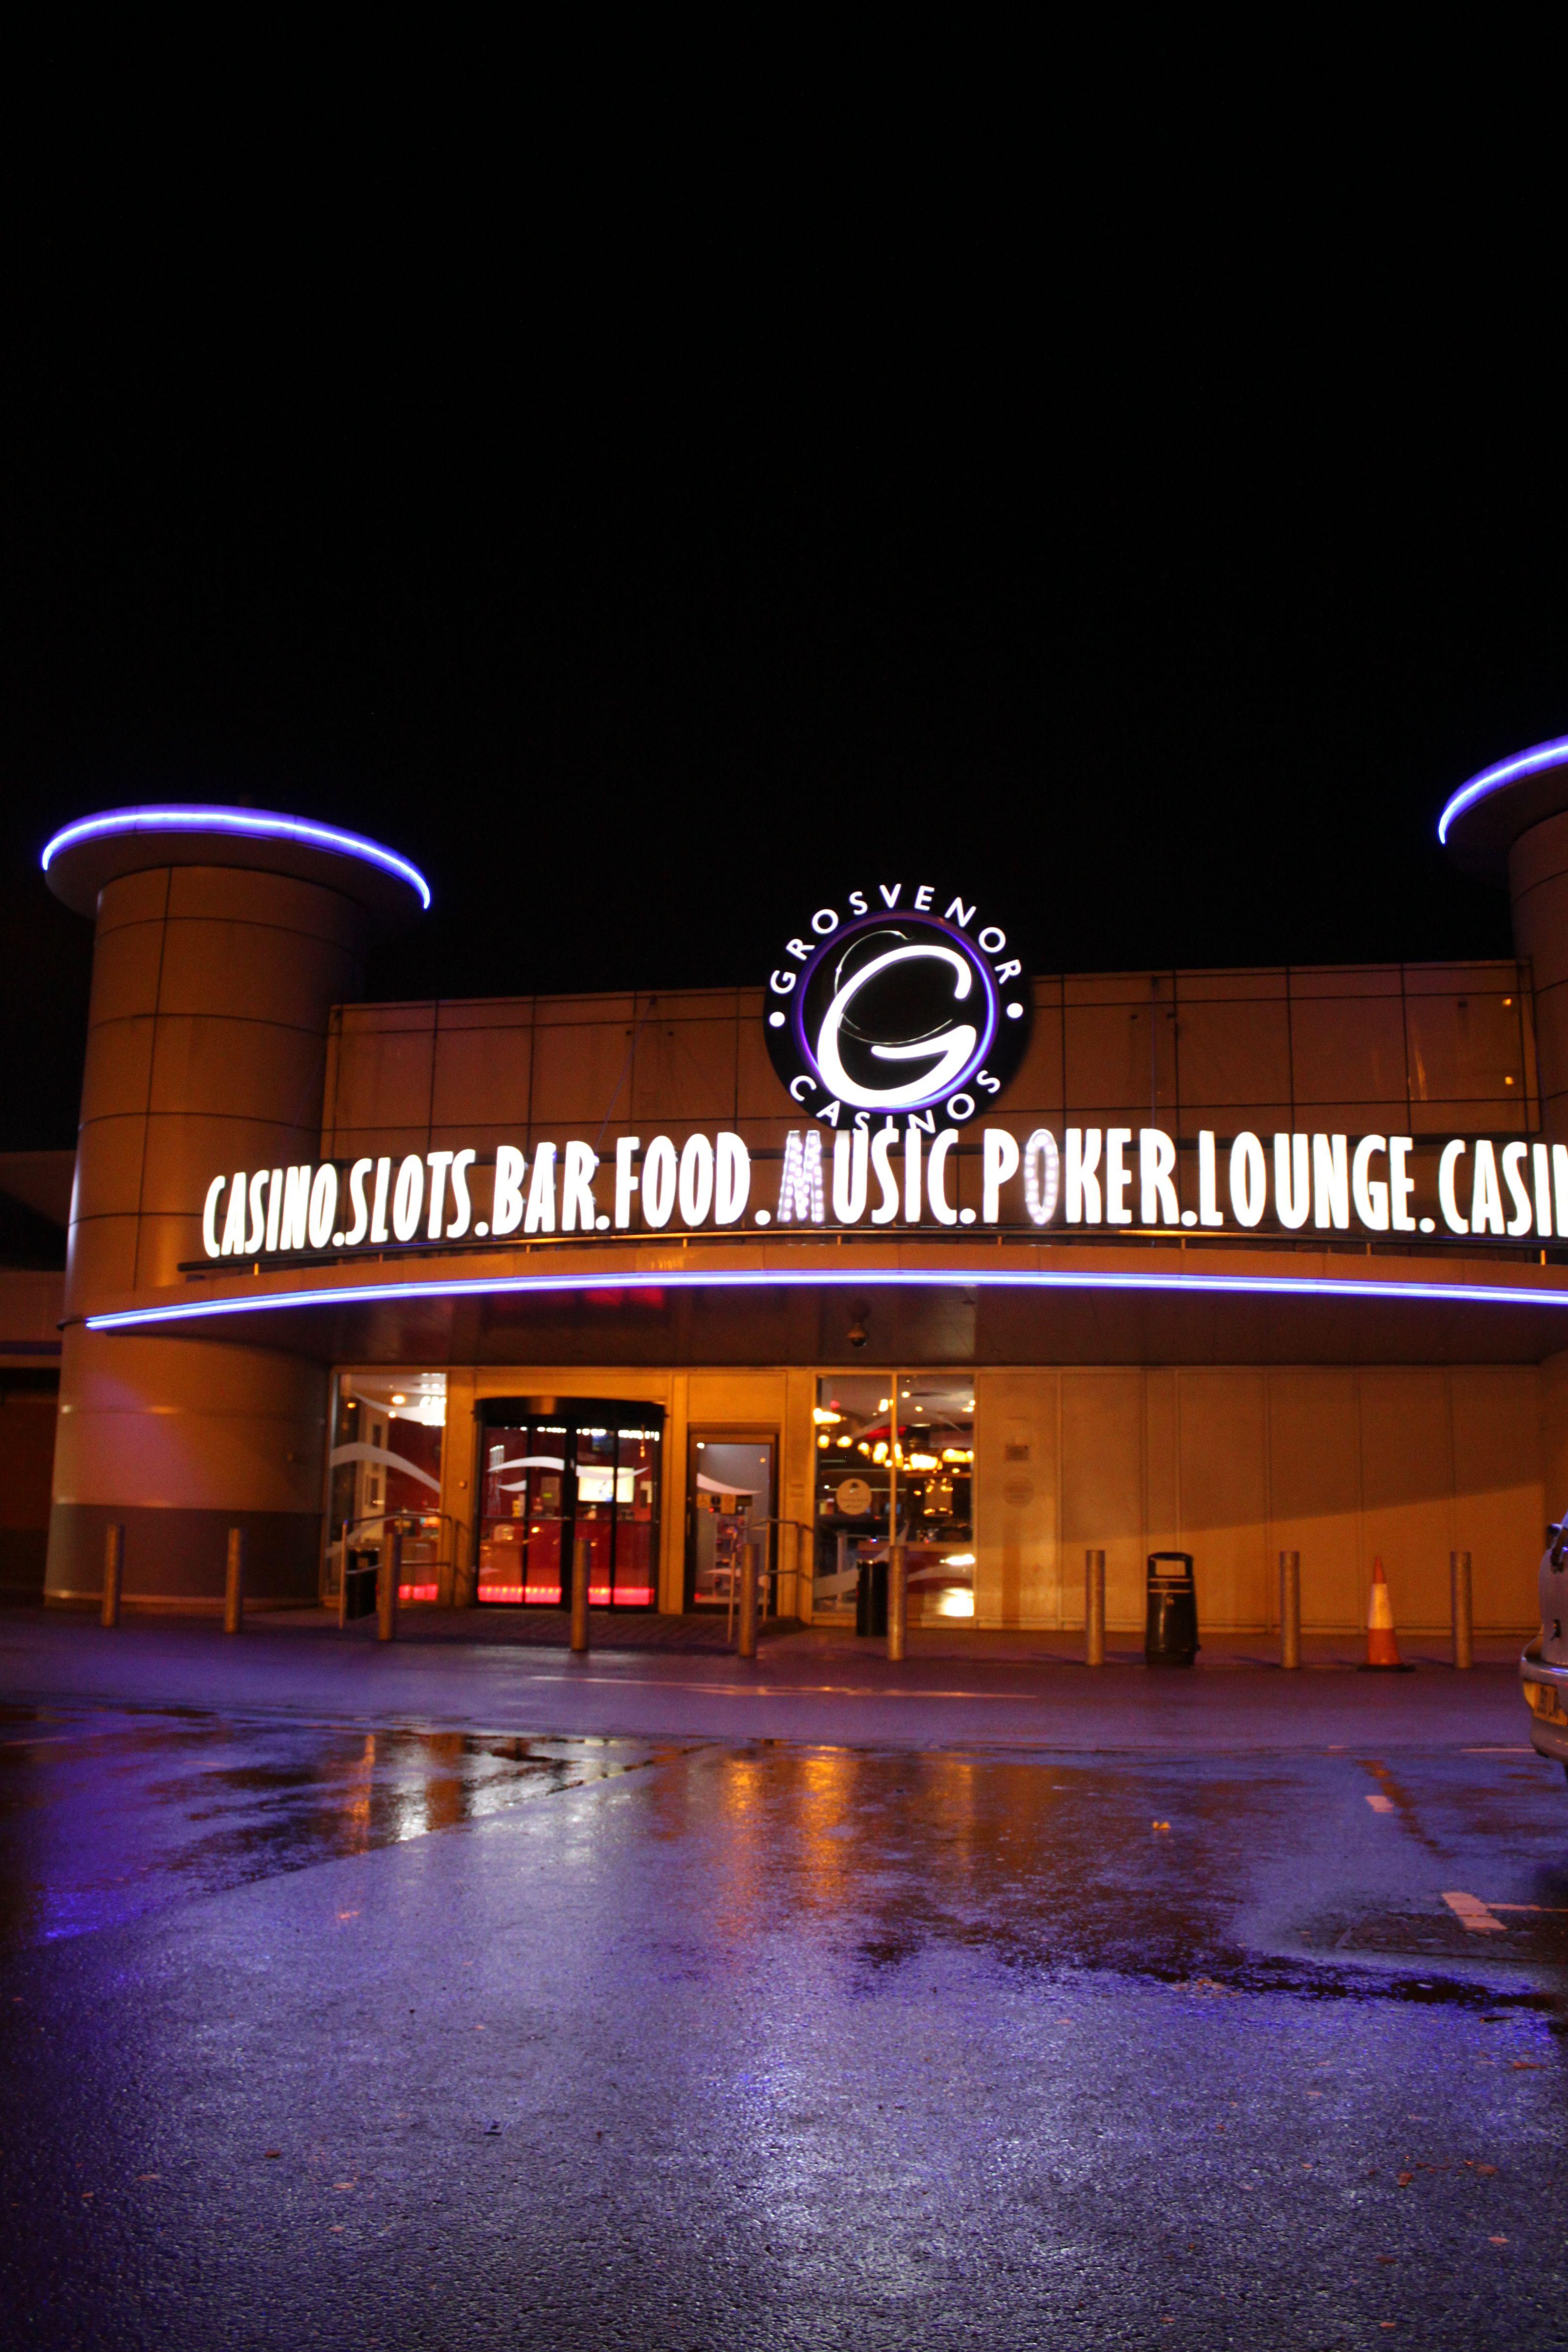 Grosvenor casino bolton facebook